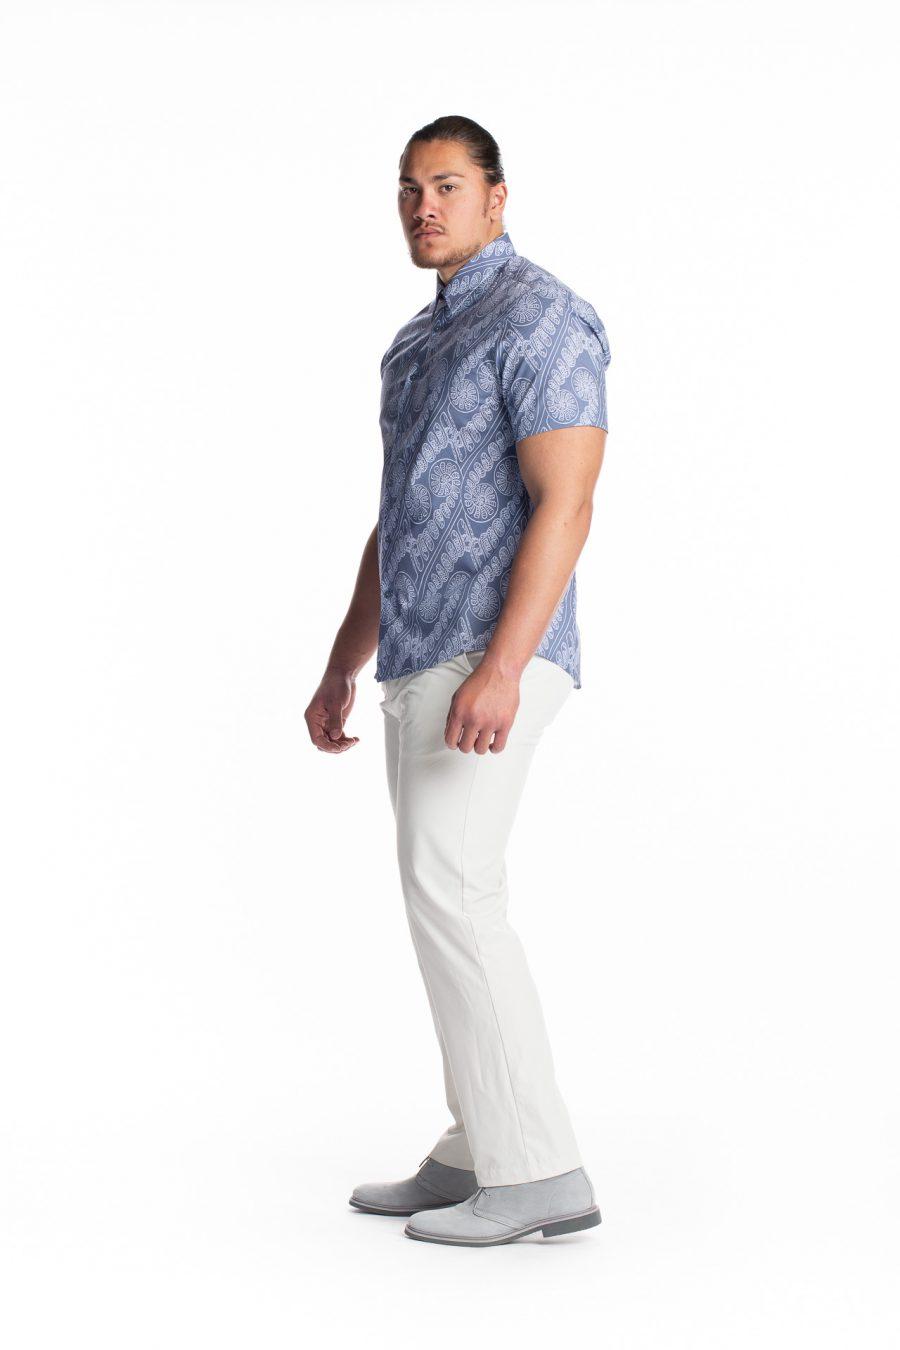 Male model wearing Aloha Short Sleeve in Amau Blue - side view